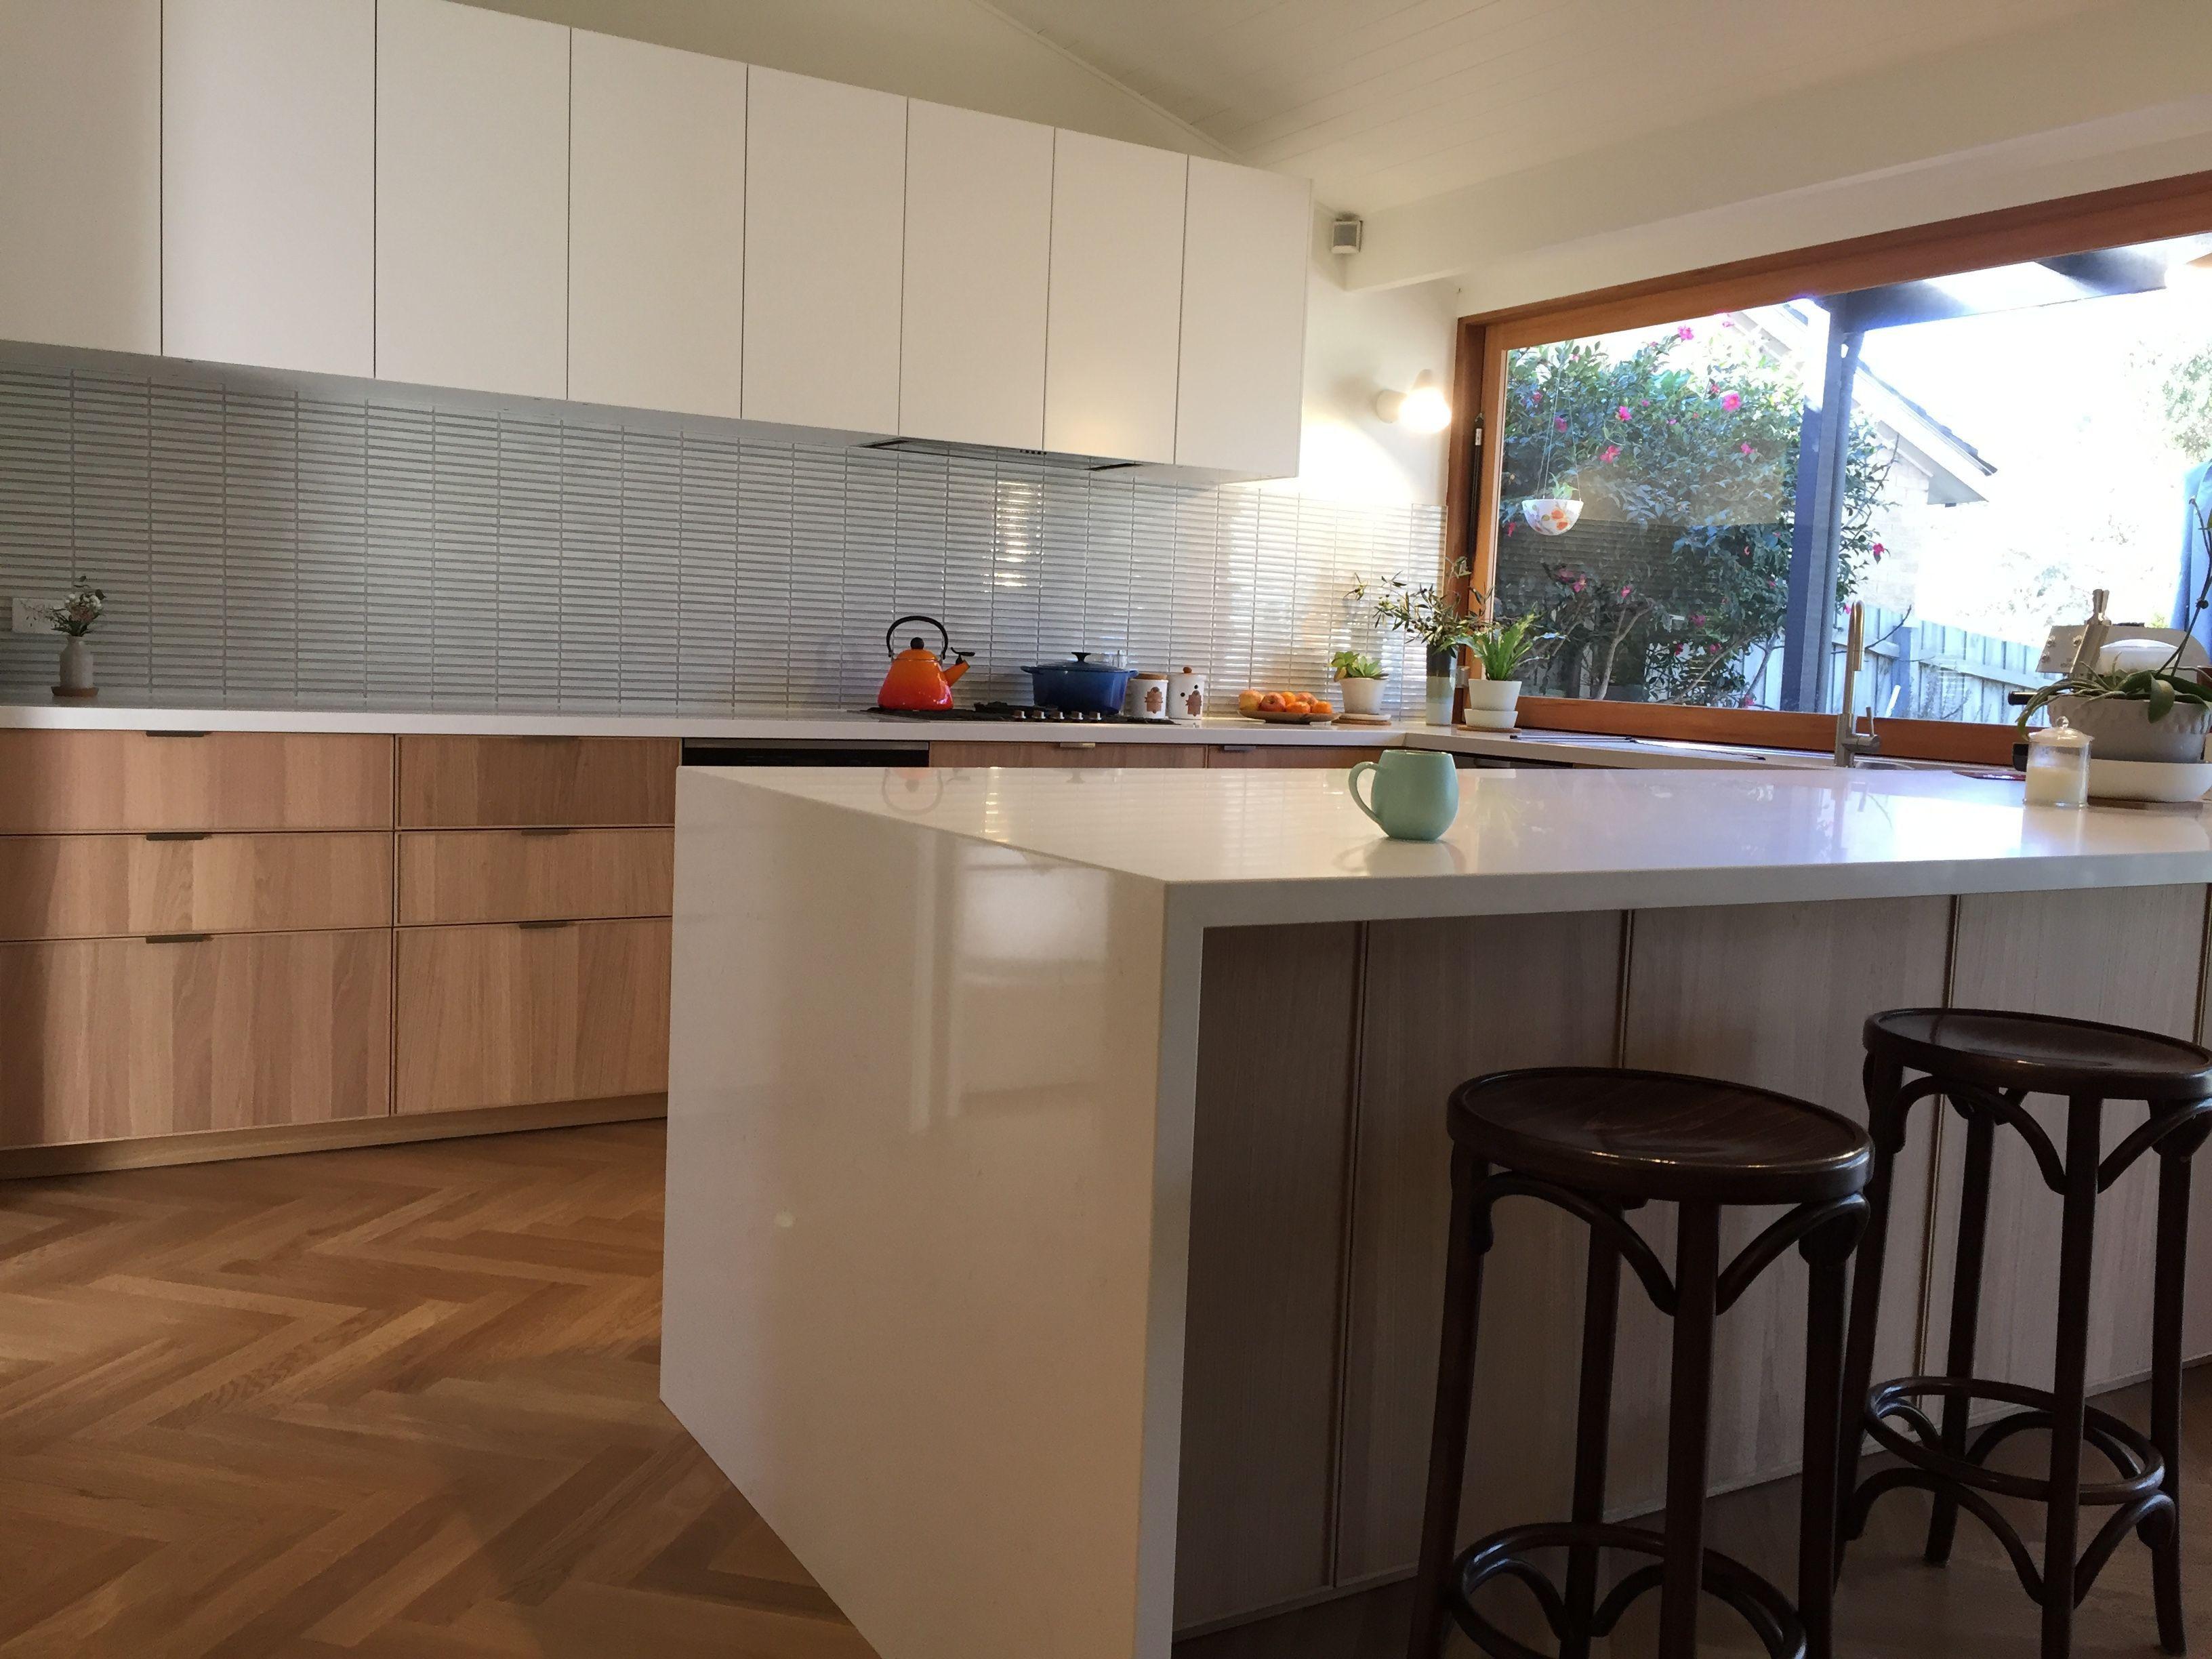 Ikea Keuken Ekestad Ikea Ekestad Metod Kitchen with